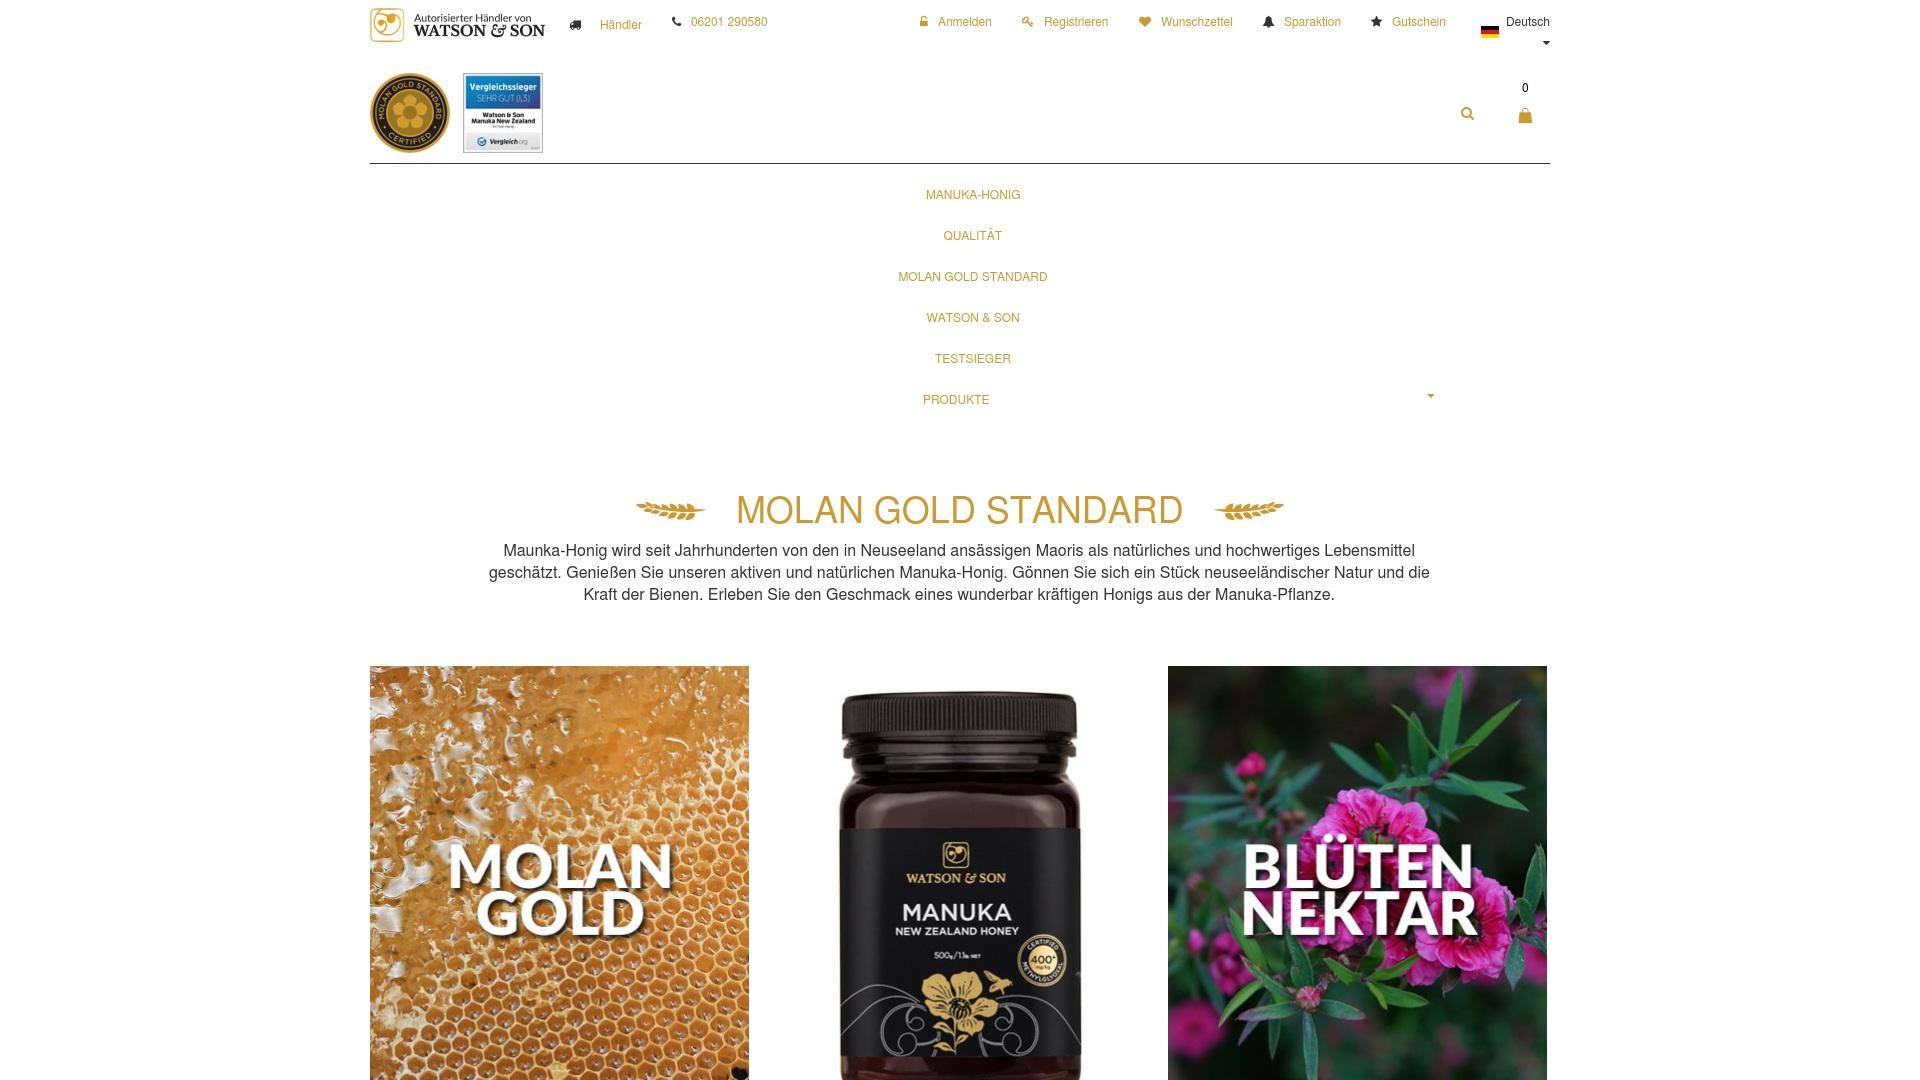 Gutschein für Manuka-honig: Rabatte für  Manuka-honig sichern